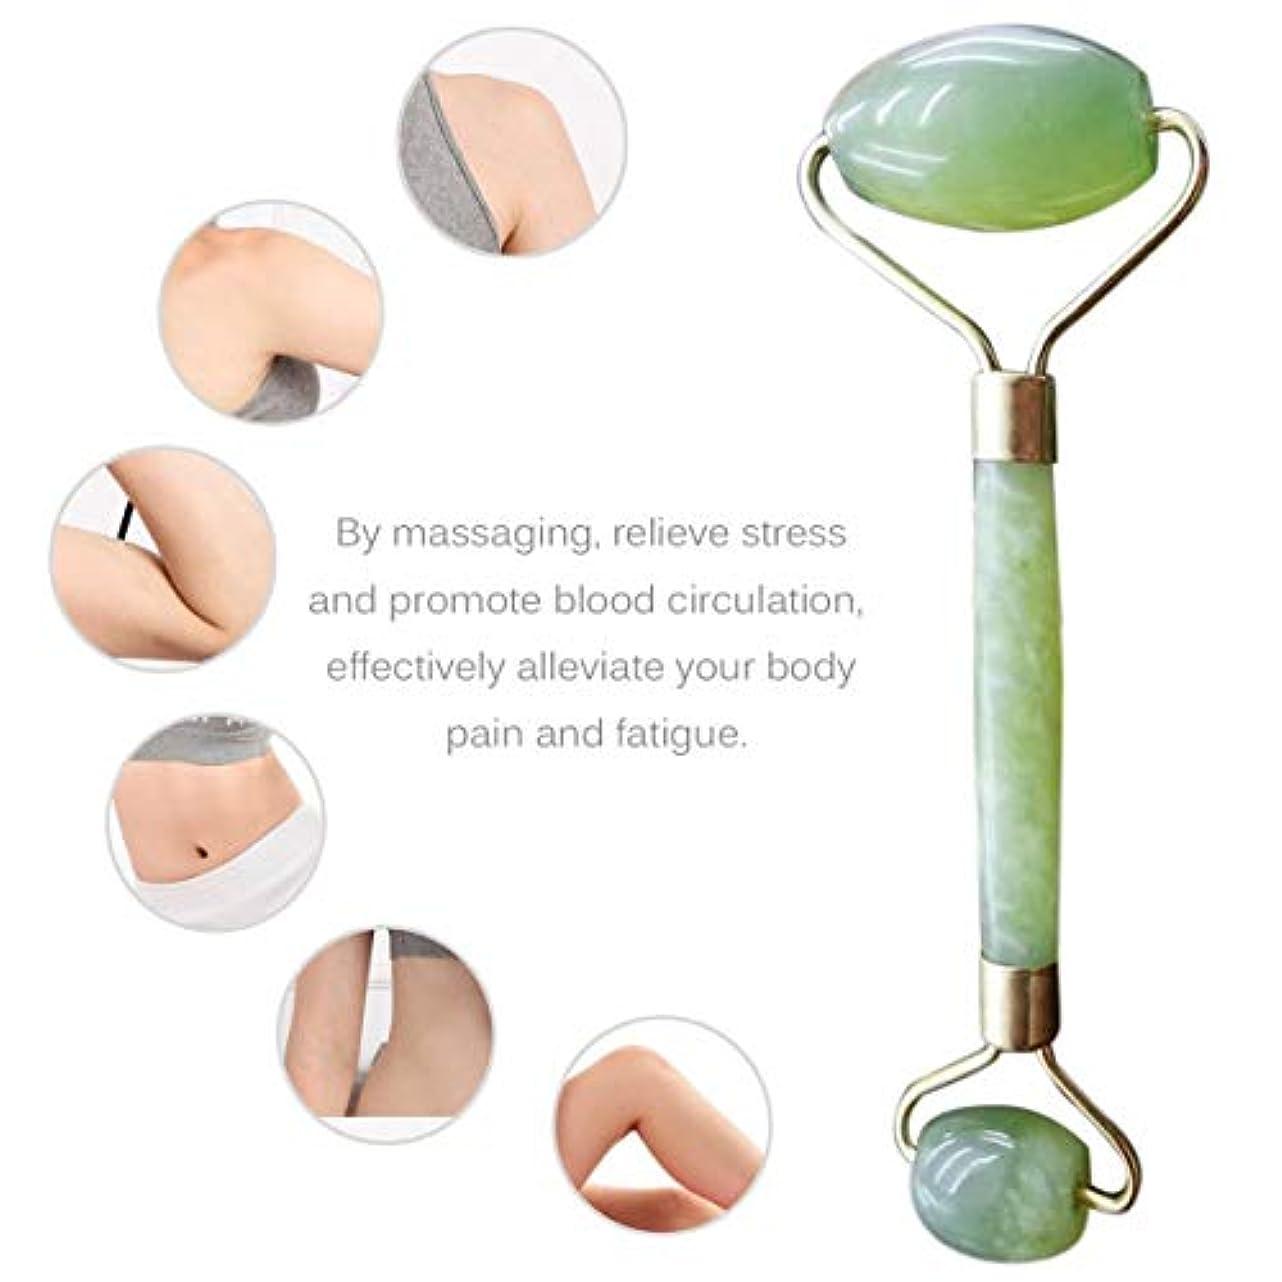 吹きさらしなだめる欺くDouble Heads Natural Jade Face Care Massager Handheld Anti Wrinkle Healthy Face Body Foot Massage Tools Best Gift